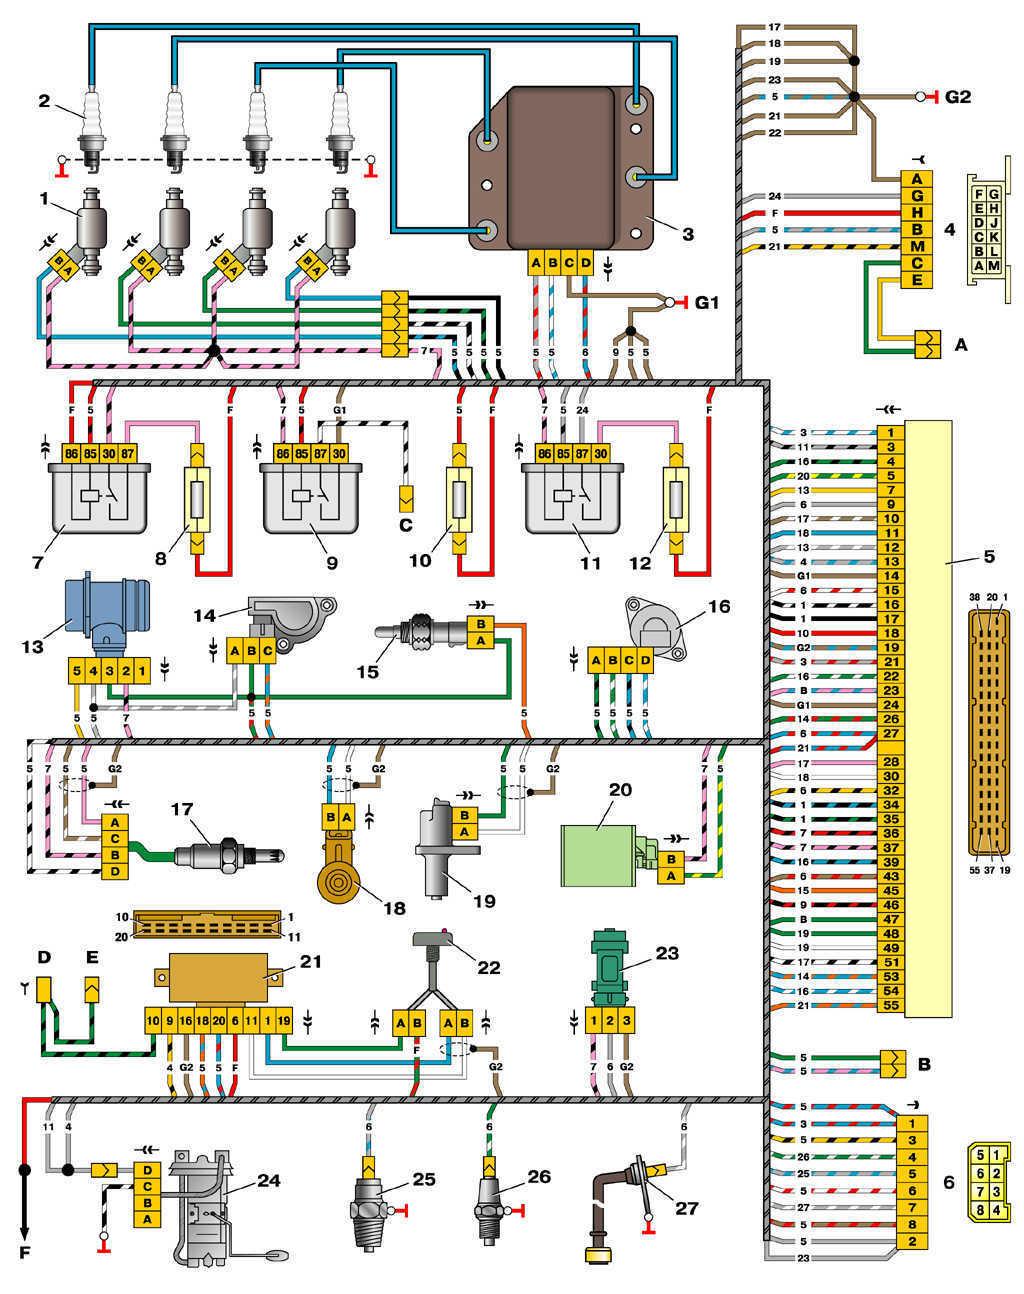 Схема управления двигателем 2111 (конт. МР7.0) ВАЗ 2110